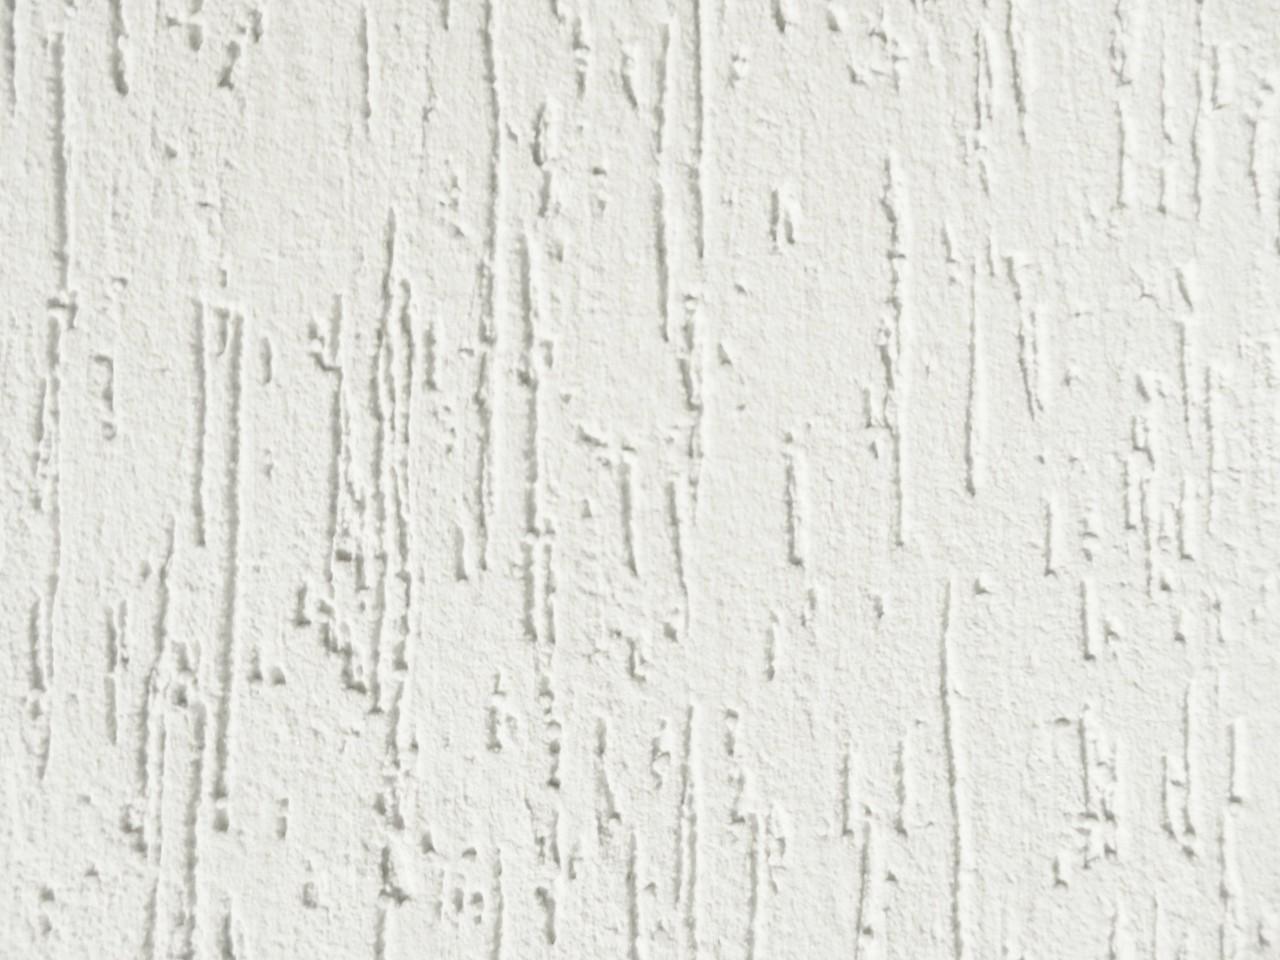 Grafiato Como aplicar passo a passo e fotos incríveis. #6D705B 1280x960 Banheiro Com Parede De Grafiato